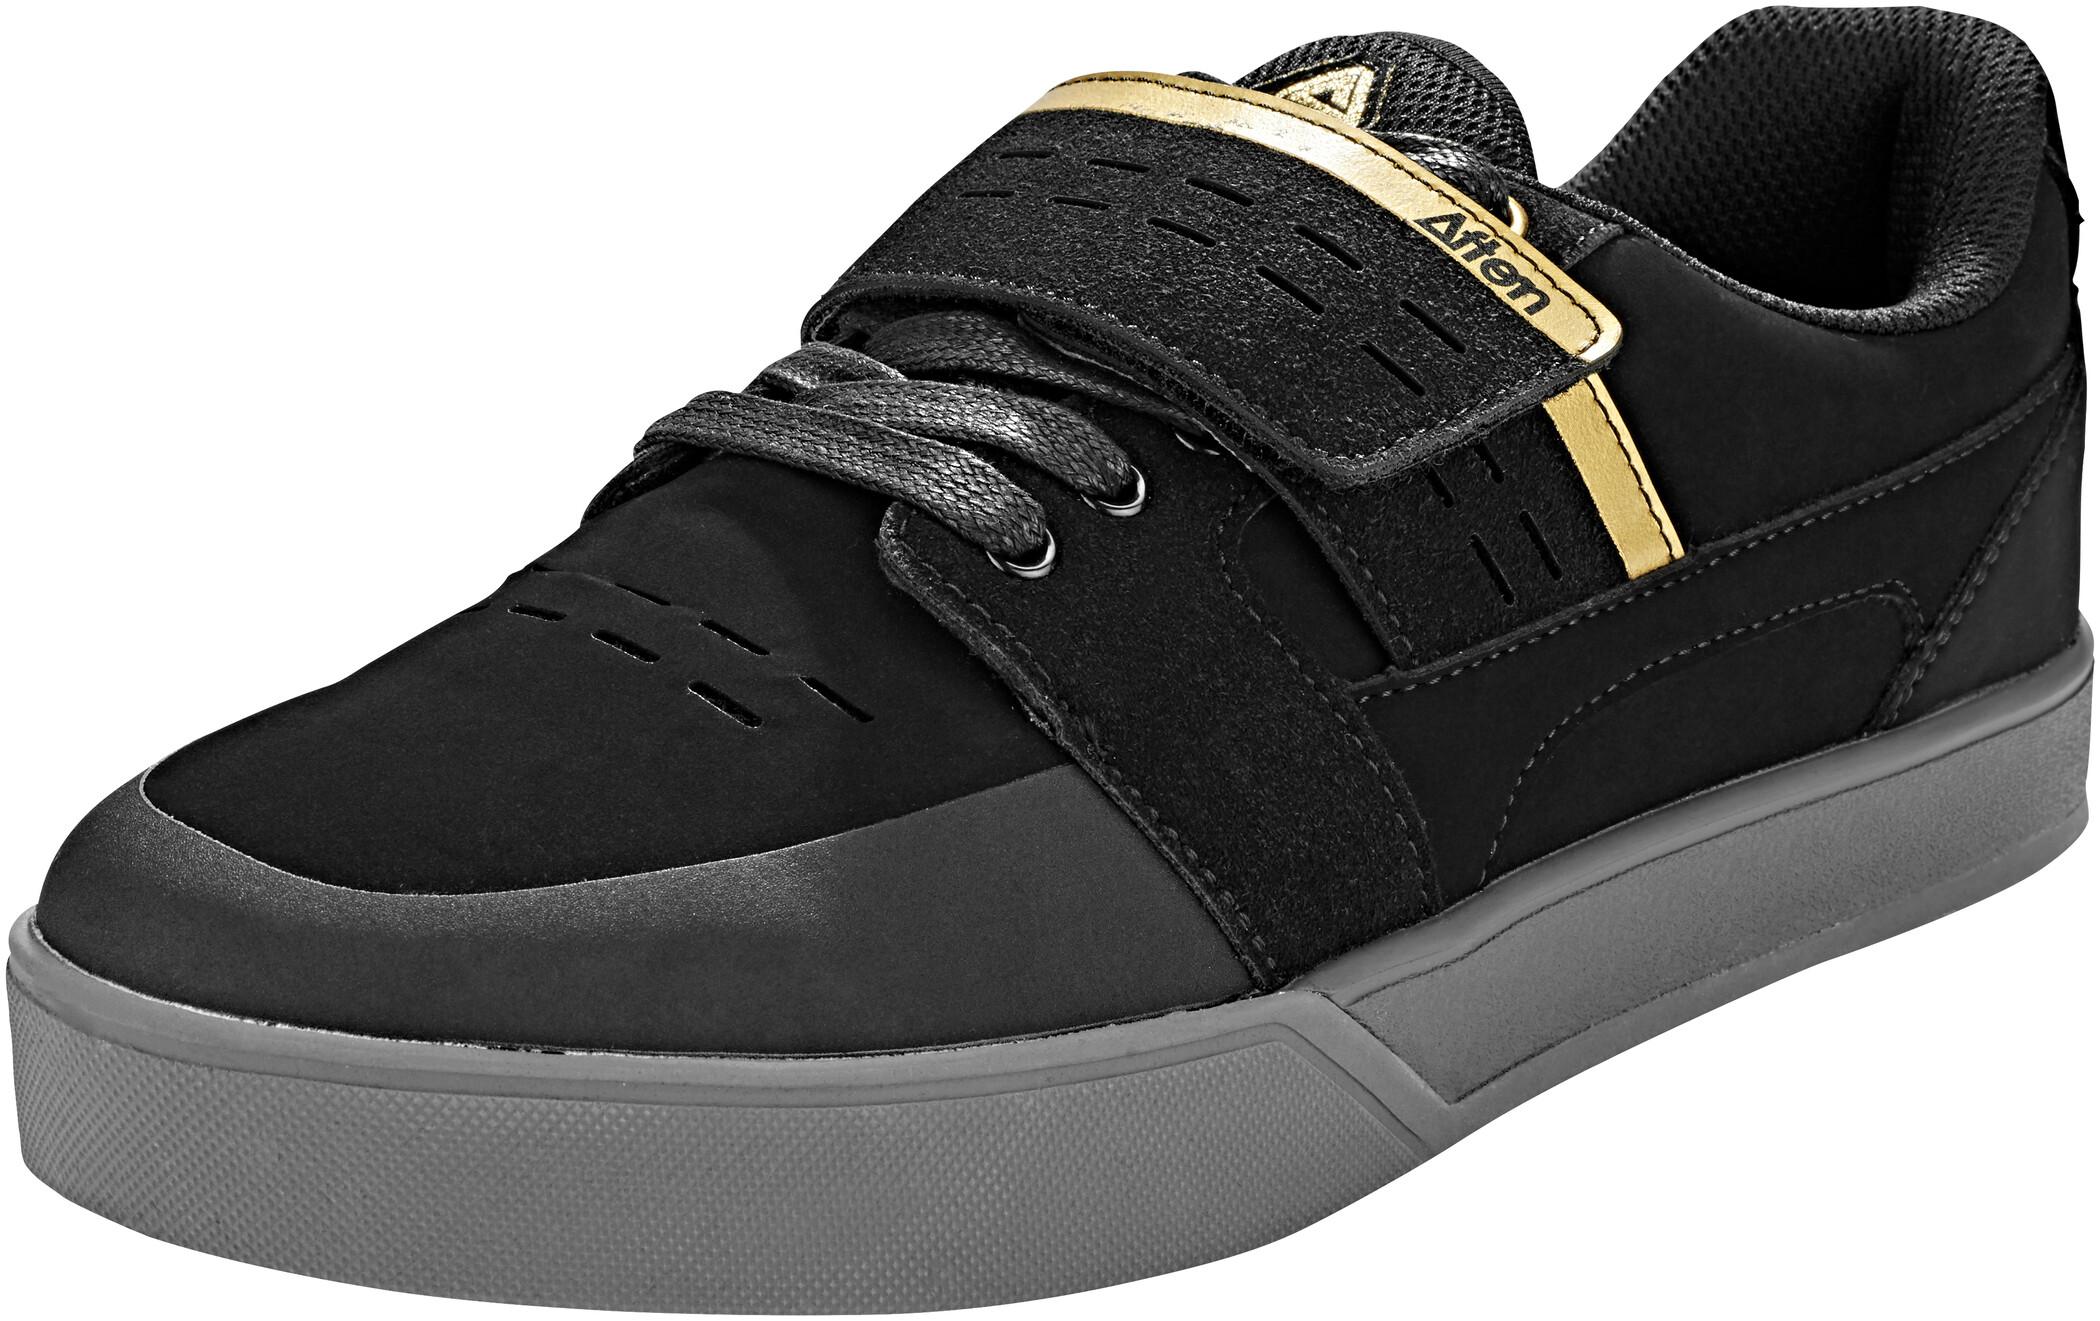 Afton Shoes Vectal Sko Herrer, black/gold | Sko